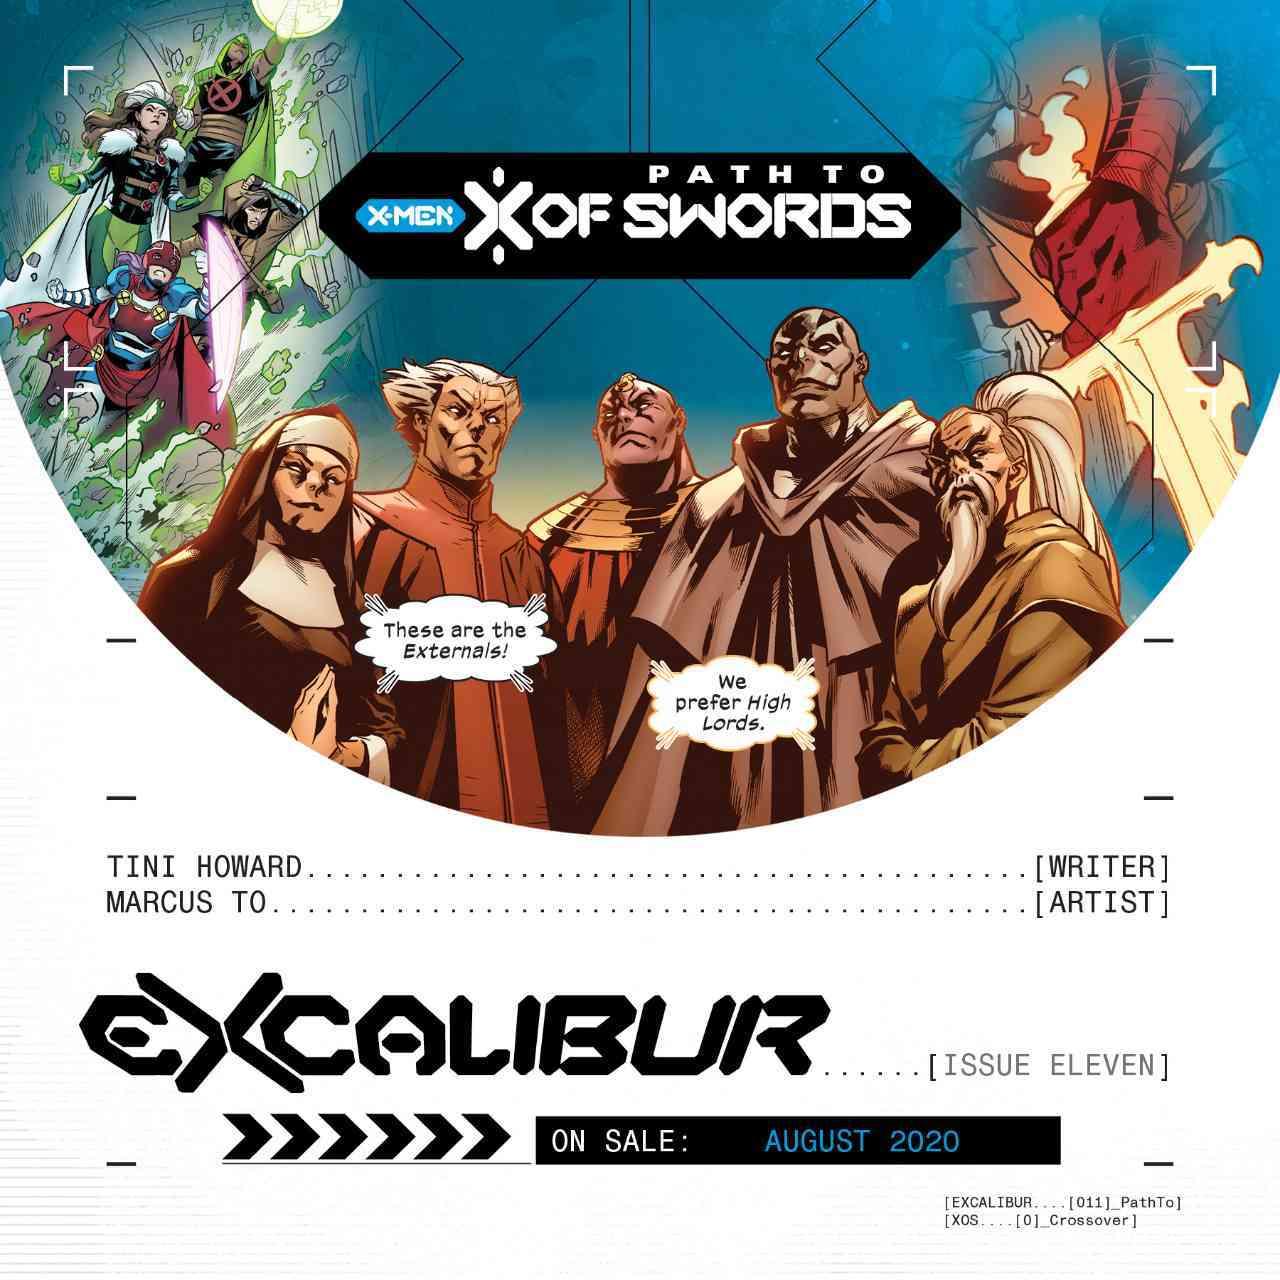 X-Men X of Swords Externals Excalibur